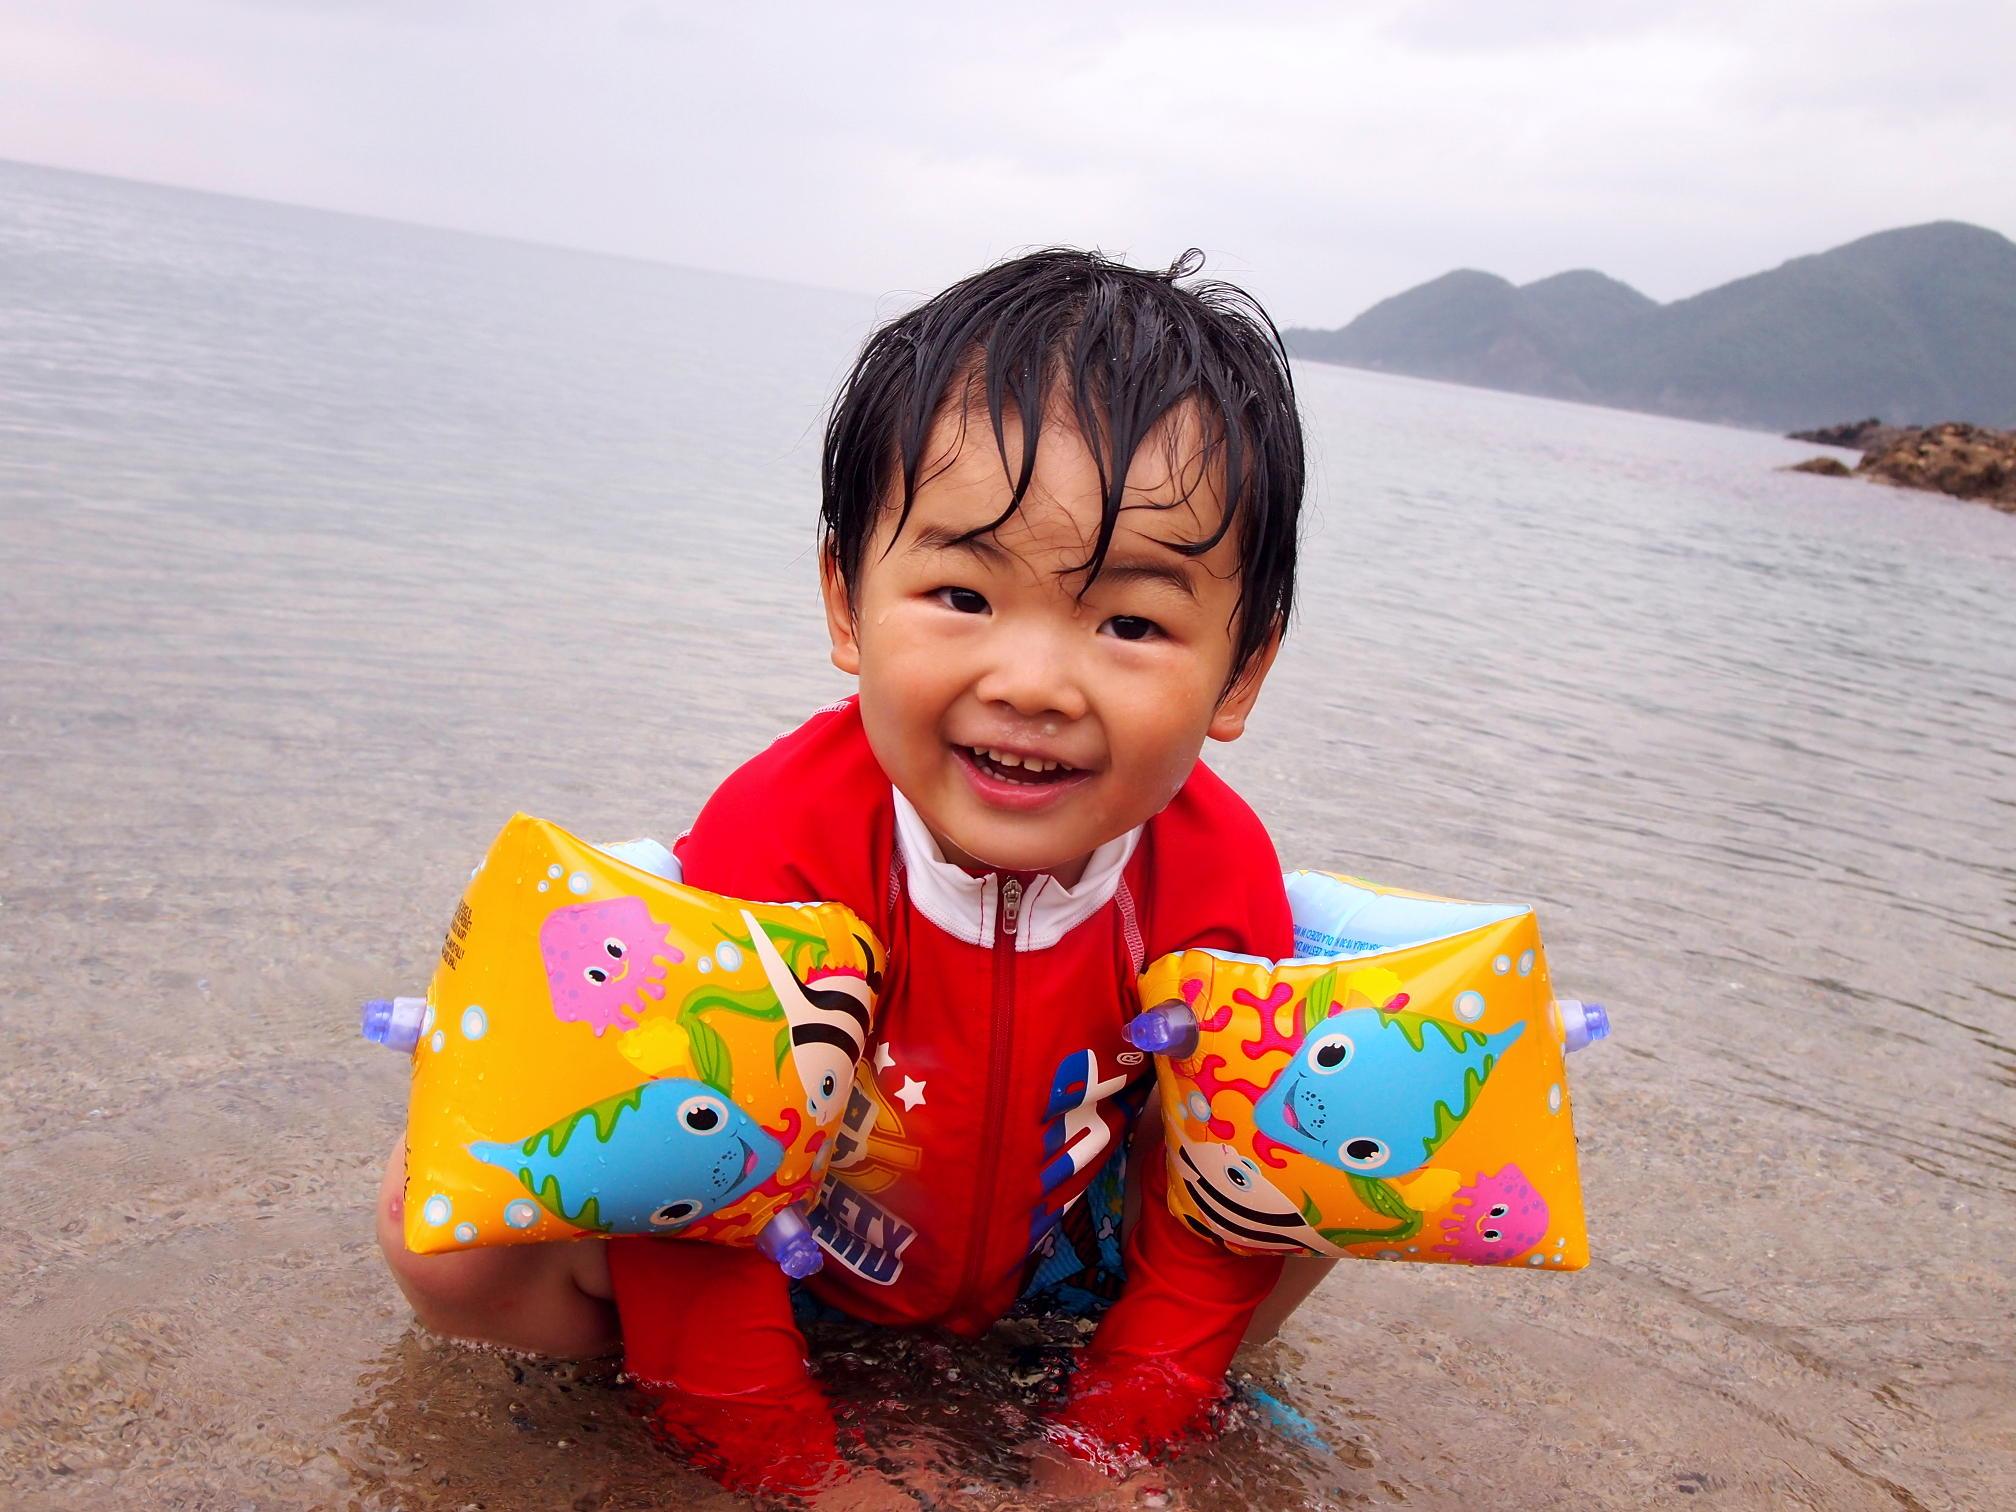 やっぱり海遊びは楽しいよね!~佐津海水浴場で思い出の夏!